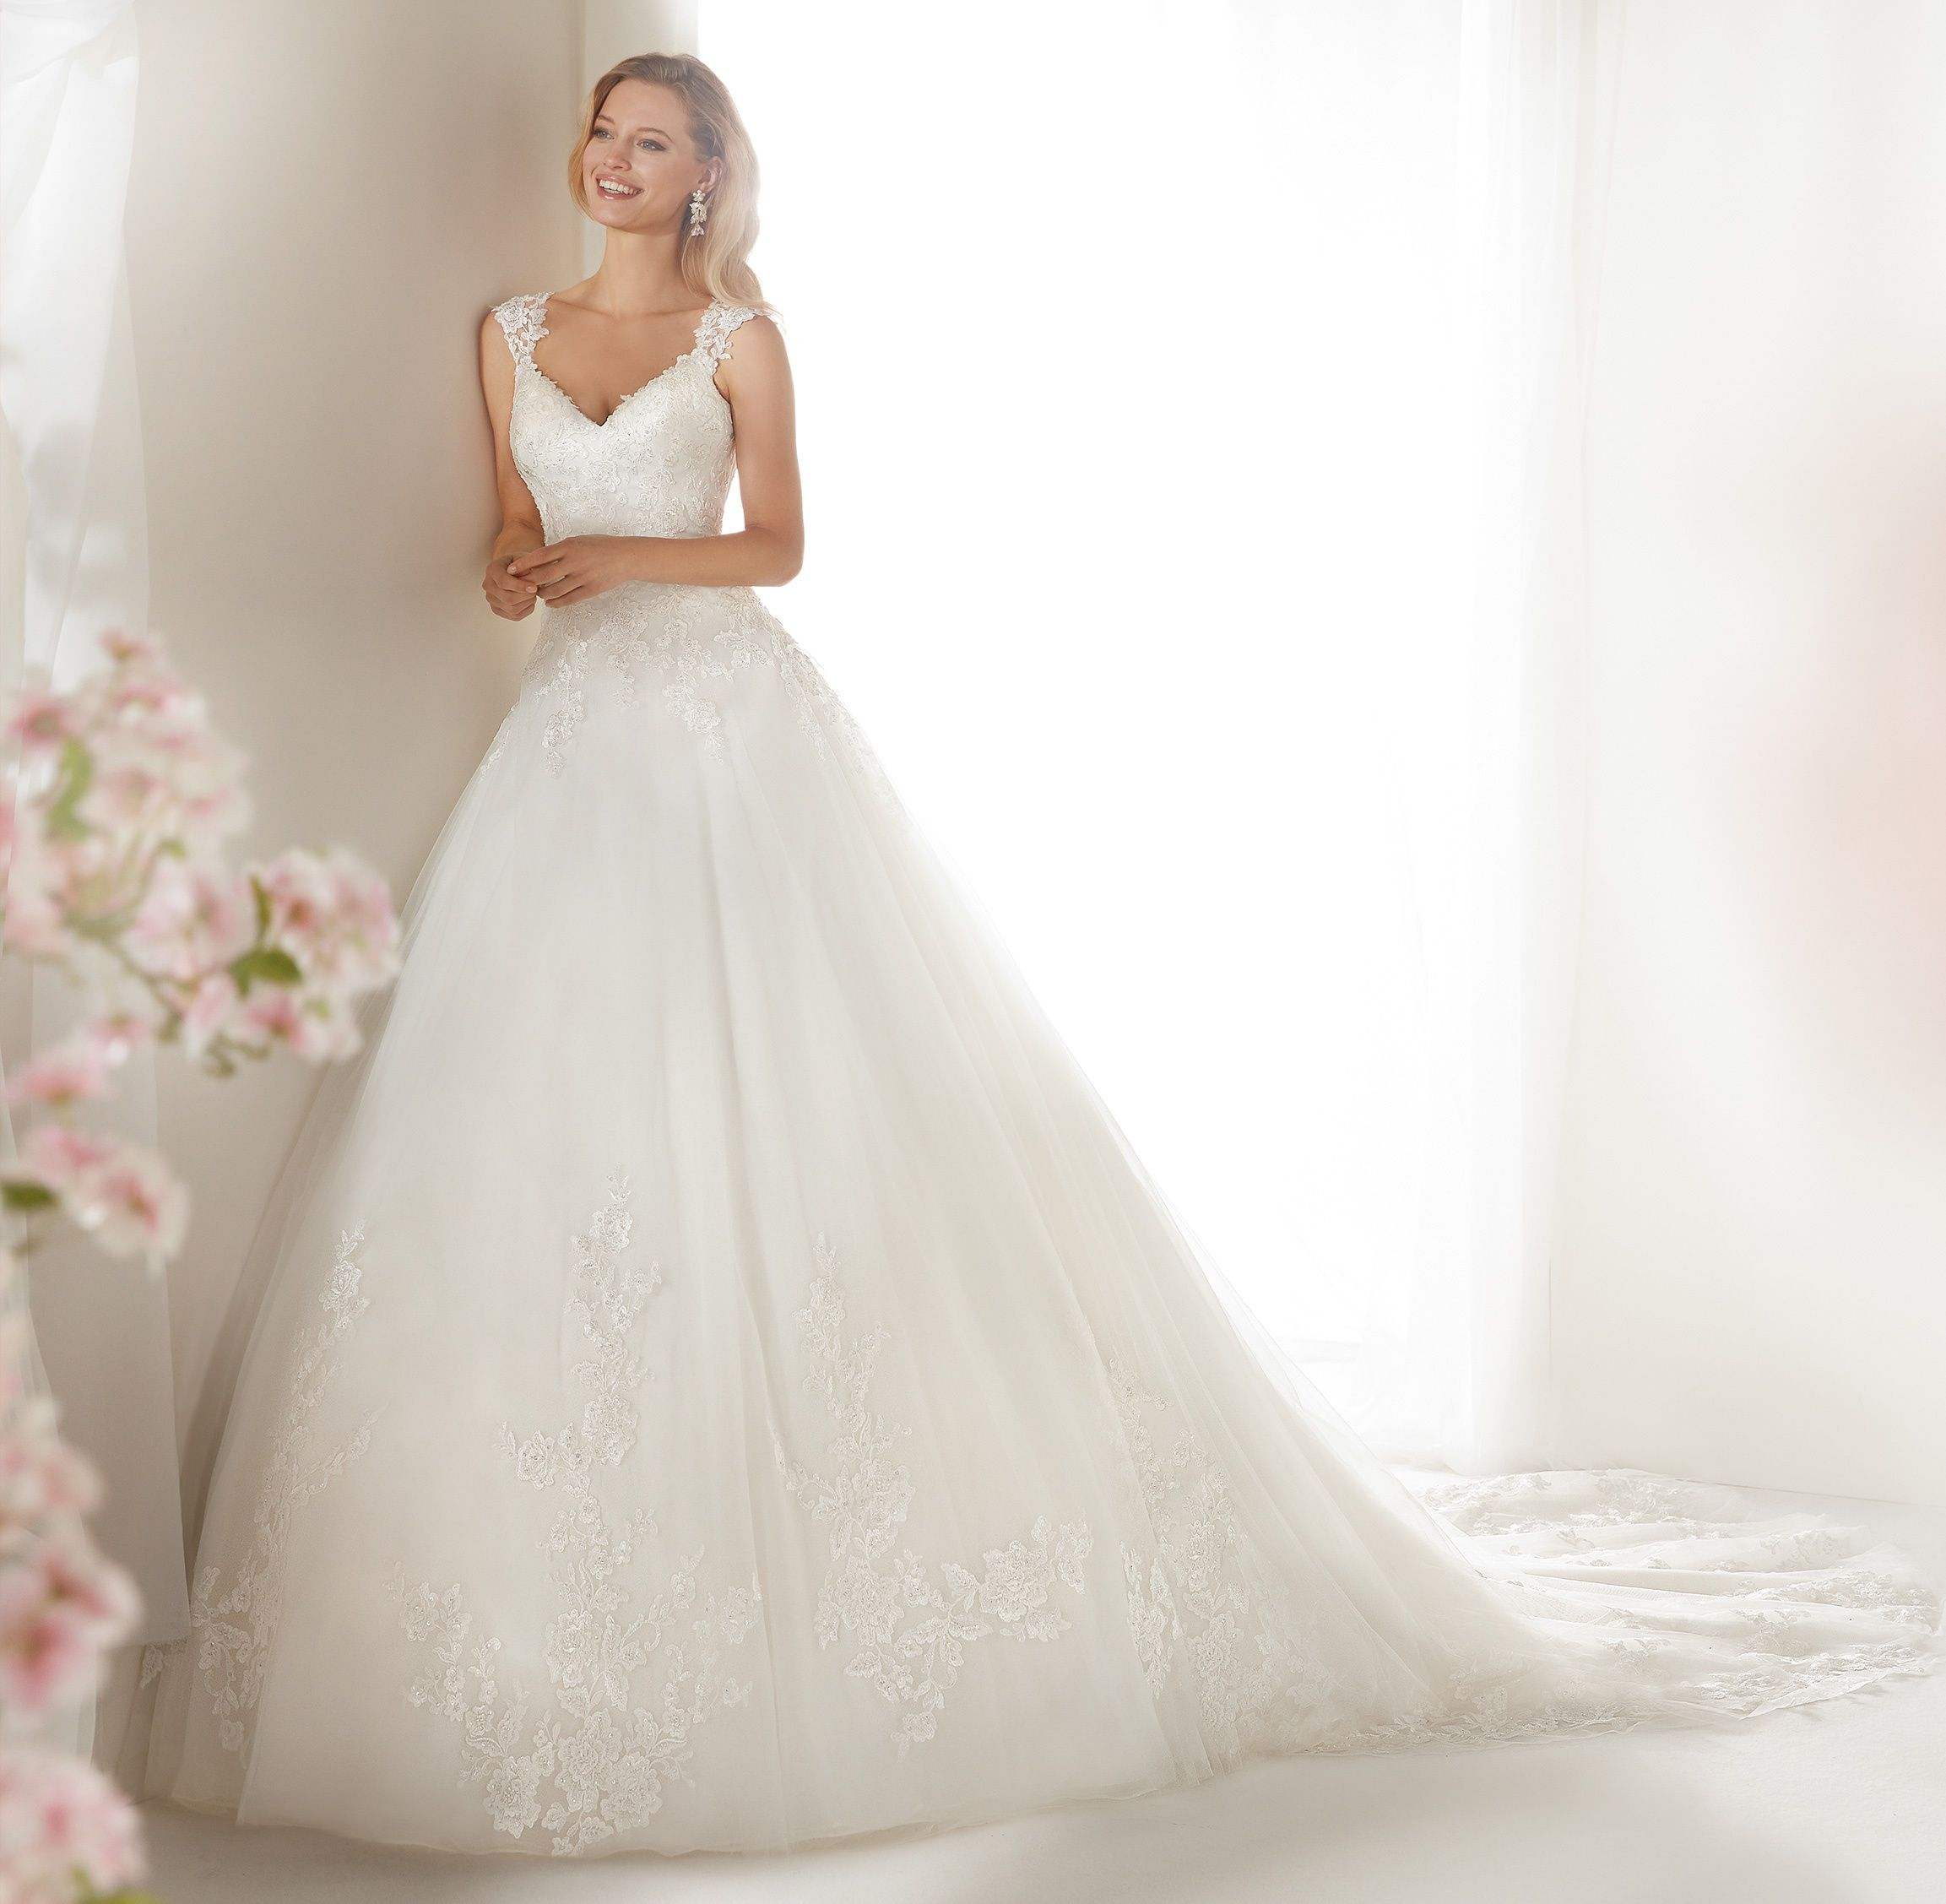 26571260677c Moda sposa 2019 - Collezione COLET. COAB19209. Abito da sposa Nicole ...